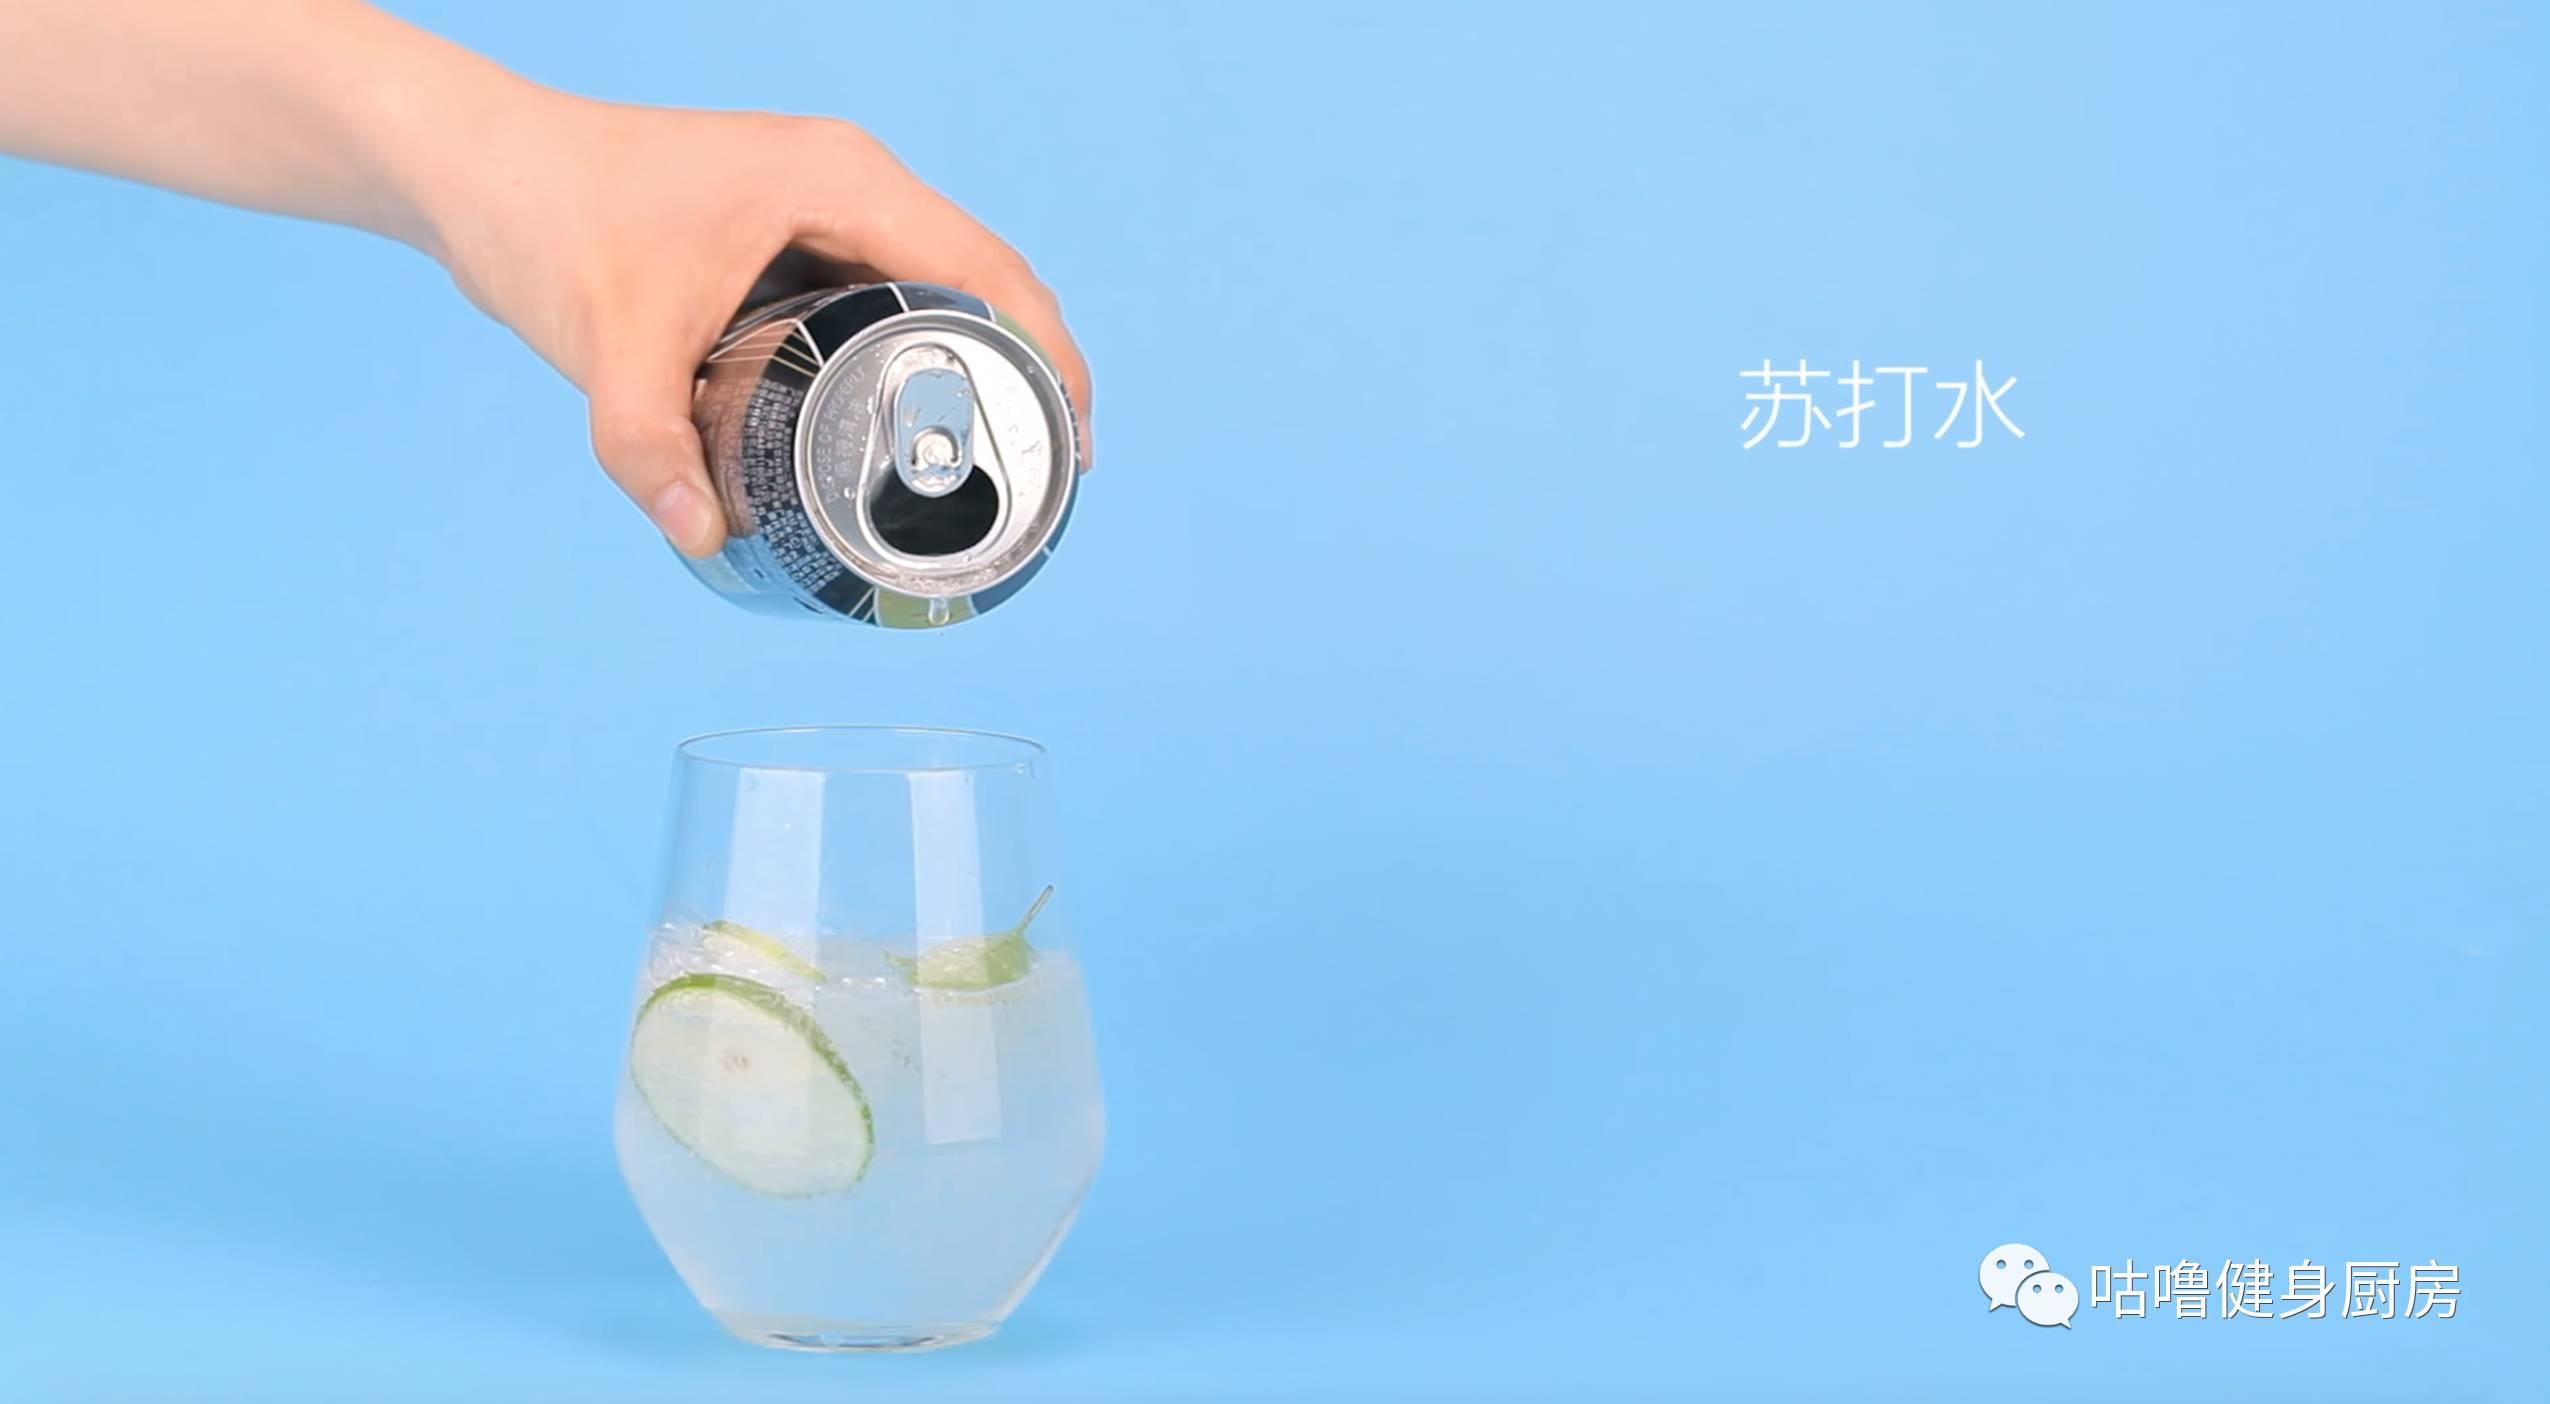 戒掉碳酸饮料